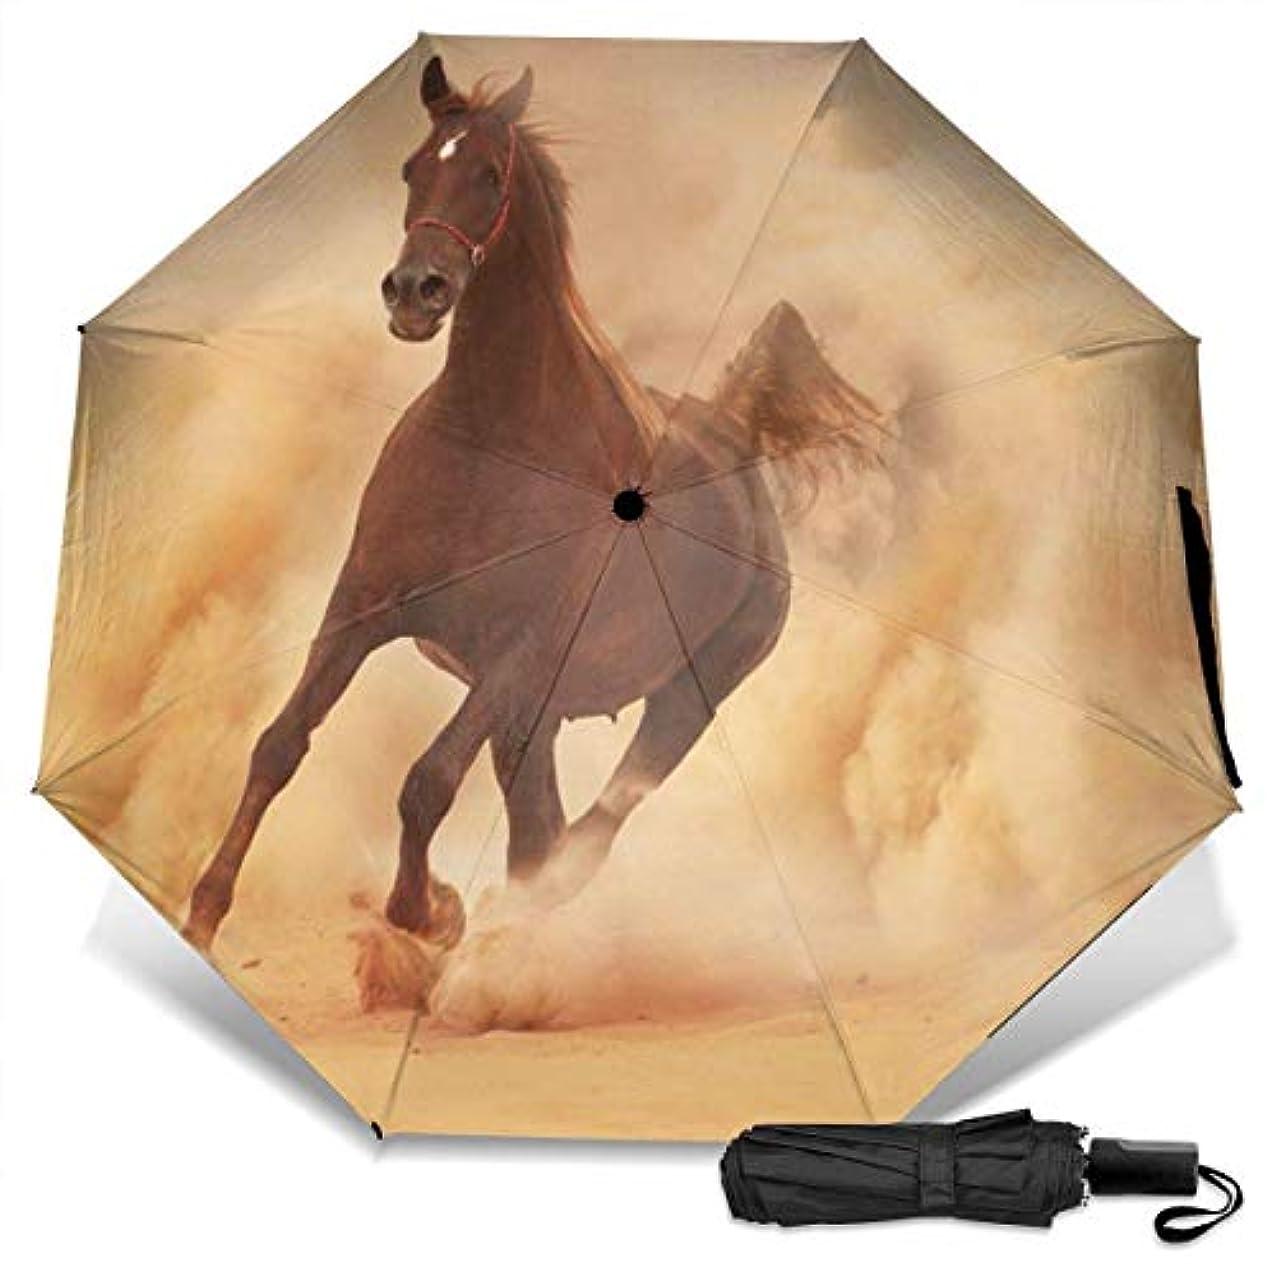 言語学王朝独立してギャロッピングの馬折りたたみ傘 軽量 手動三つ折り傘 日傘 耐風撥水 晴雨兼用 遮光遮熱 紫外線対策 携帯用かさ 出張旅行通勤 女性と男性用 (黒ゴム)